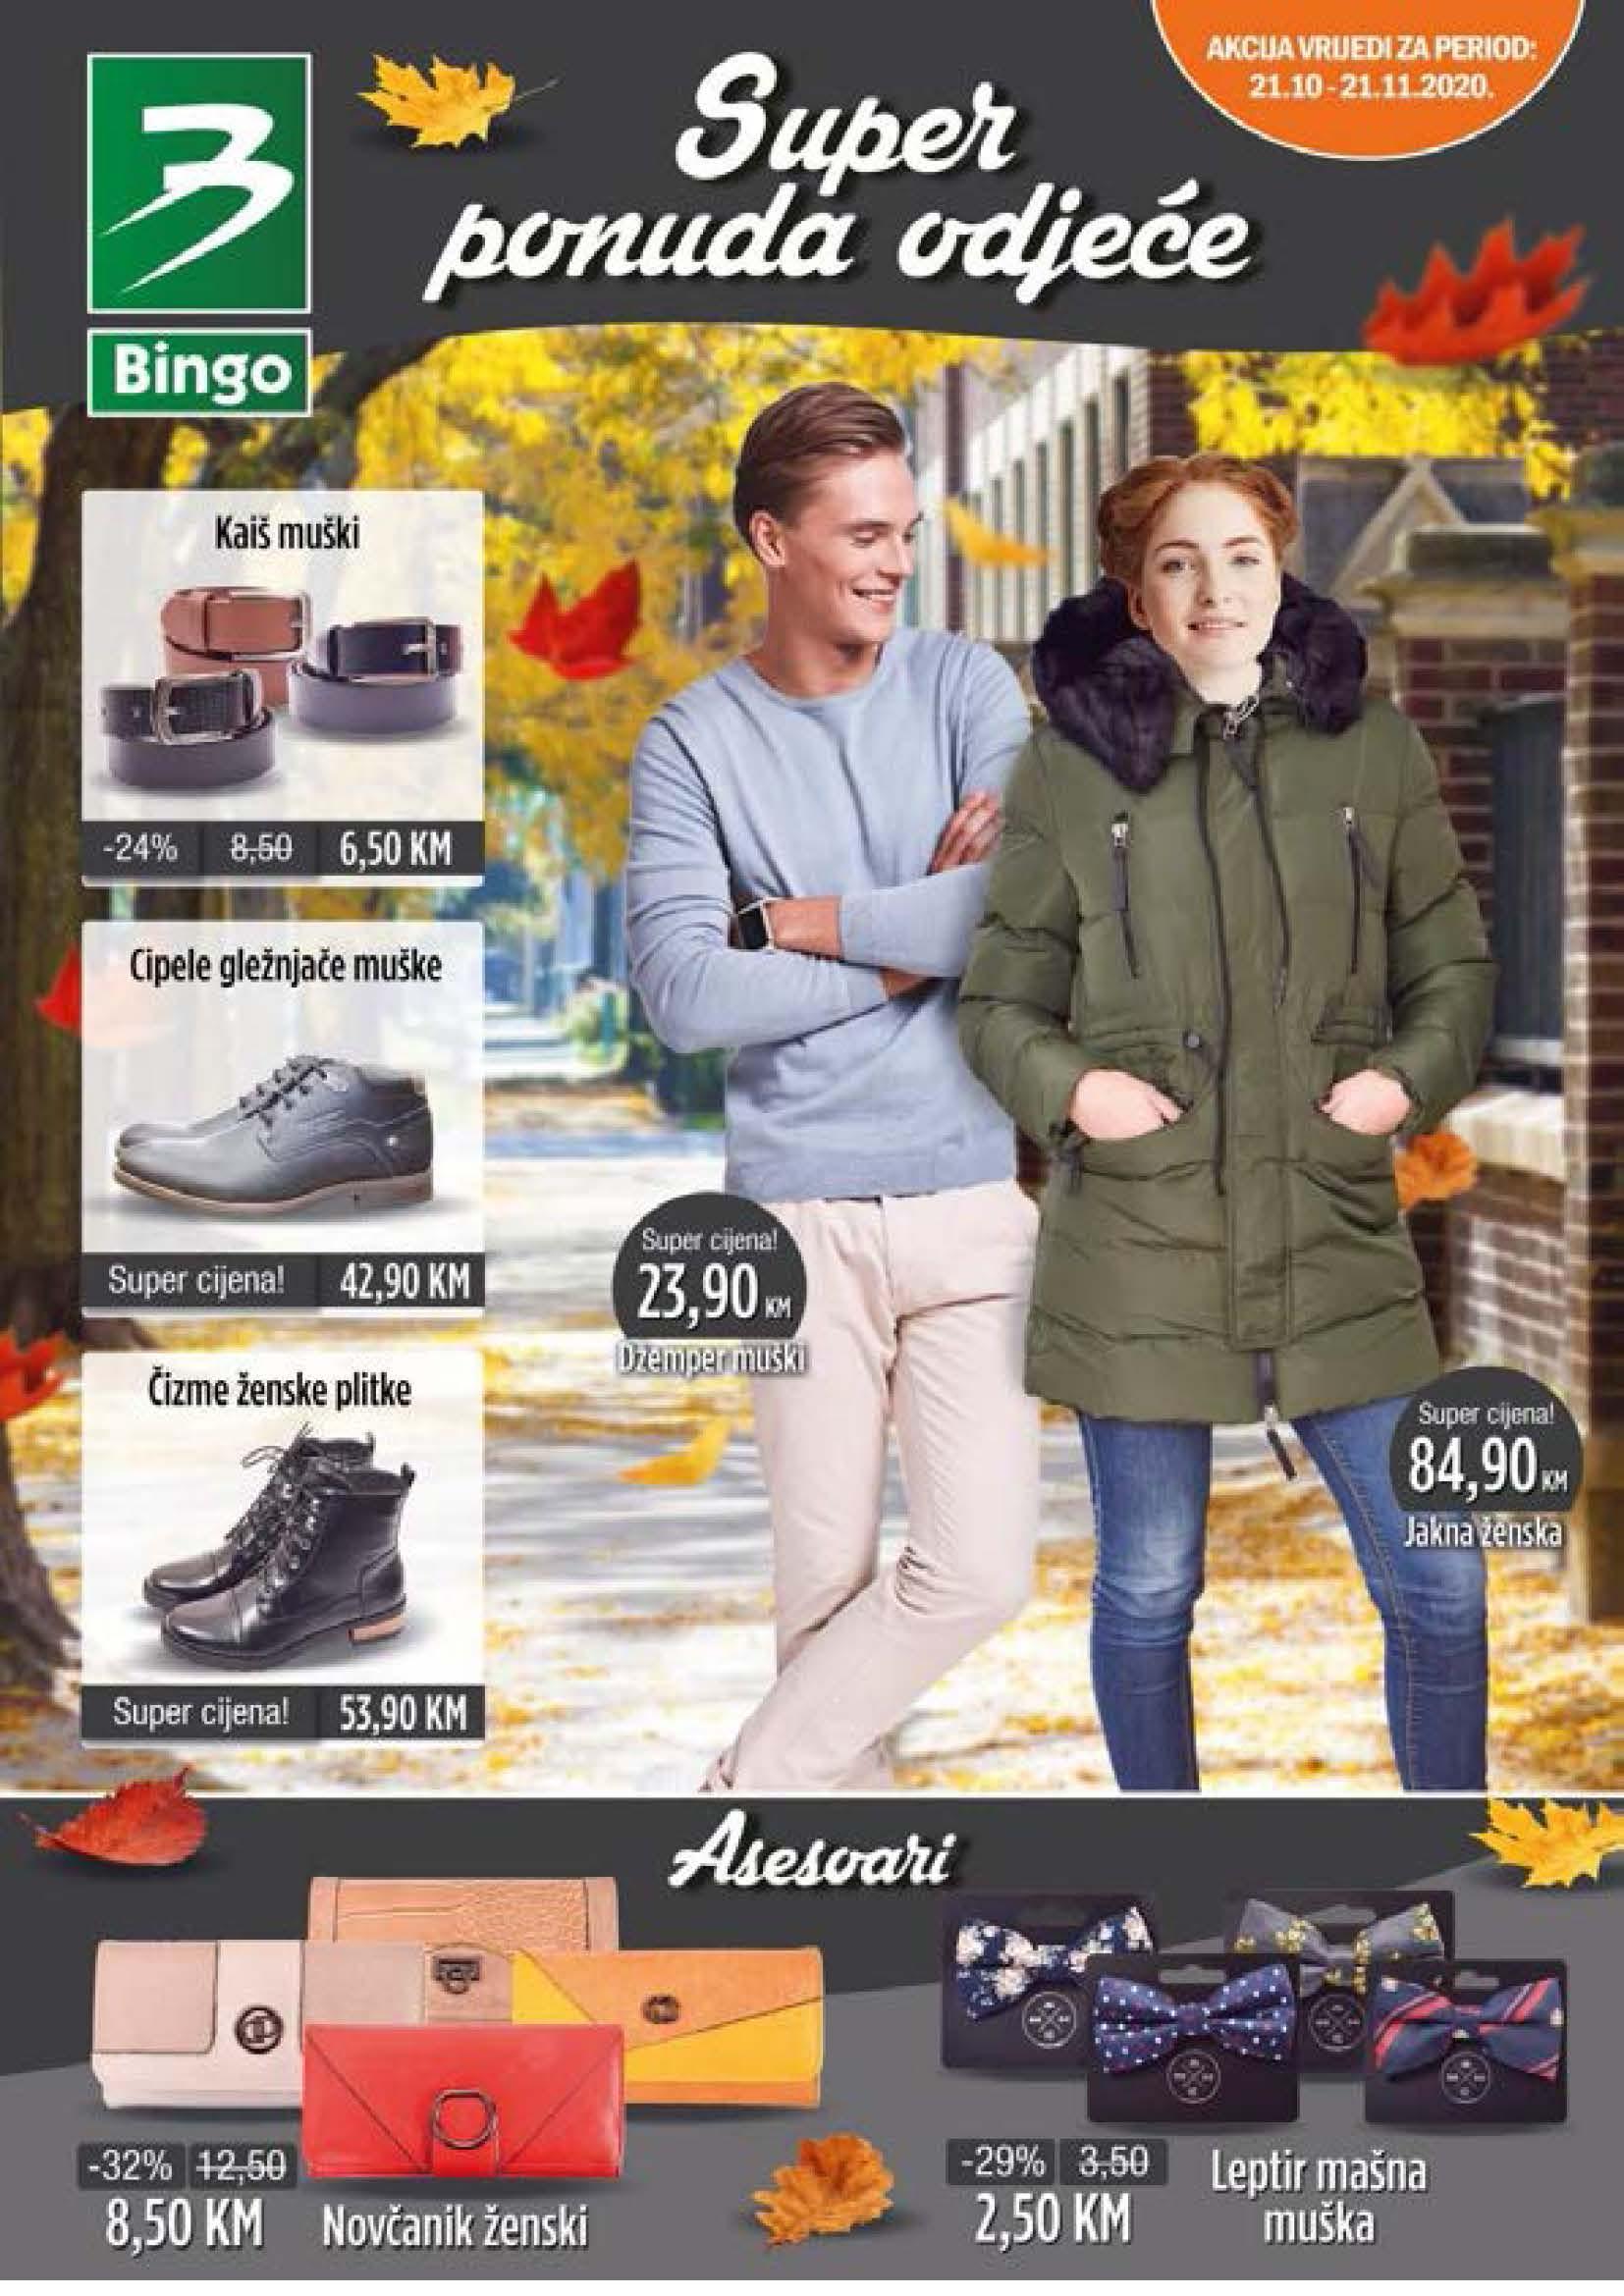 BINGO KATALOG Akcija super ponuda odjeće 2110 2111_Page_1